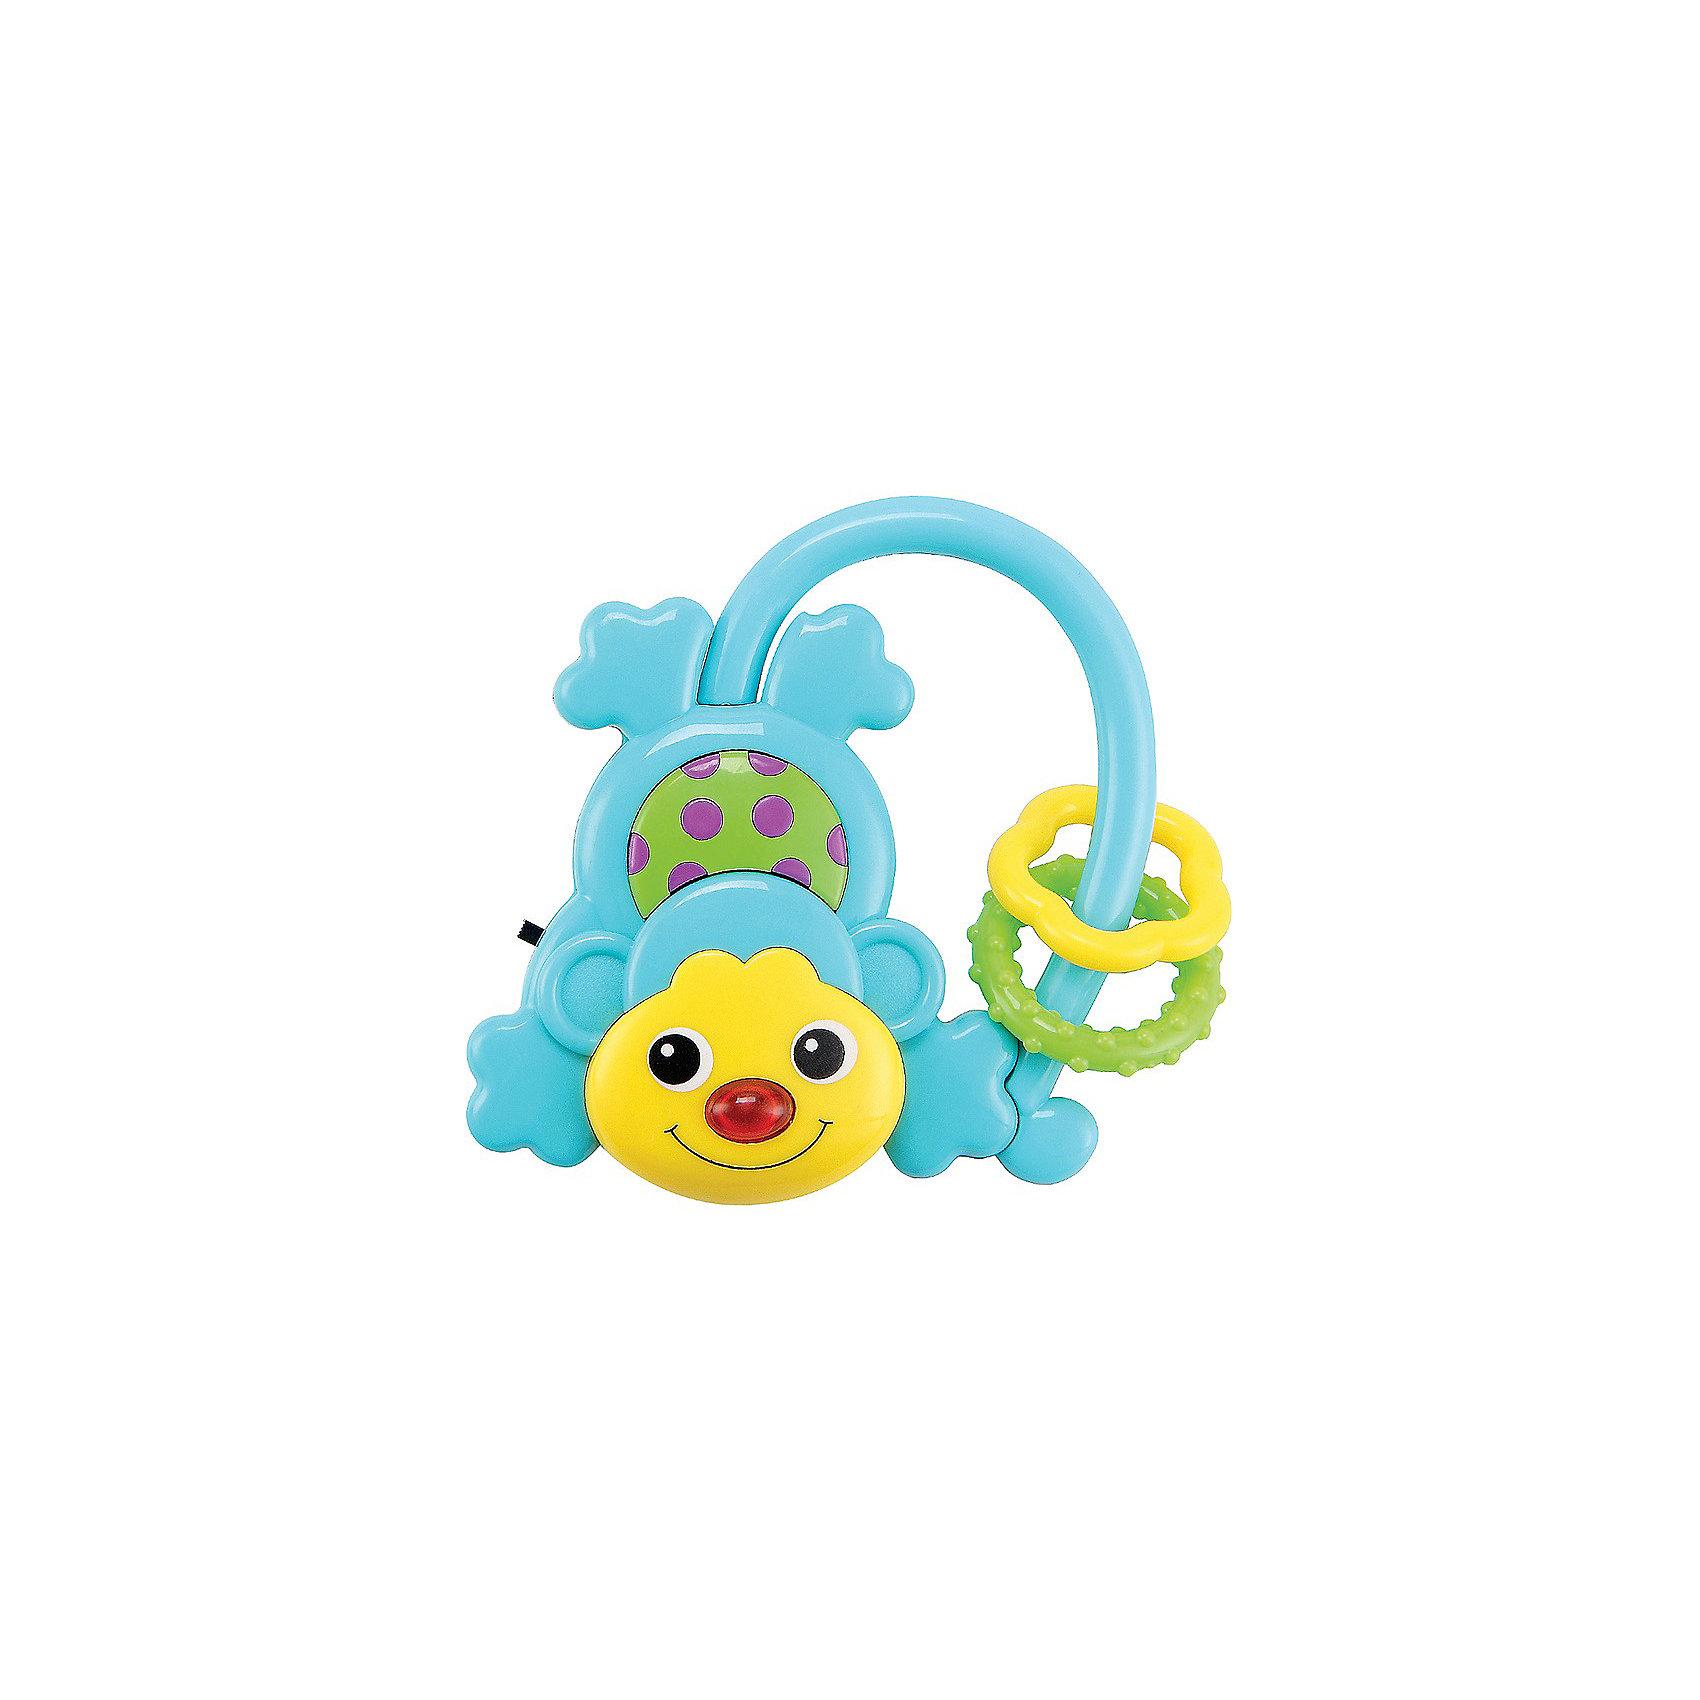 Музыкальная игрушка Обезьянка MONKUS Happy BabyИнтерактивные игрушки для малышей<br>Музыкальная обезьянка MONKUS<br><br>Развивает: координацию движений; слуховое, тактильное и зрительное восприятие; познавательный интерес; тактильные ощущения.<br><br>Характеристики: зеркальная поверхность на животике; звуковой эффект; при нажатии на кнопку загорается лампочка.<br><br>Дополнительная информация:<br><br>Материал: АБС-пластик, термопластичная резина.<br>Батарейки в комплекте.<br><br>Музыкальная игрушка Обезьянка MONKUS Happy Baby можно купить в нашем интернет-магазине.<br><br>Ширина мм: 180<br>Глубина мм: 125<br>Высота мм: 20<br>Вес г: 70<br>Возраст от месяцев: 3<br>Возраст до месяцев: 36<br>Пол: Унисекс<br>Возраст: Детский<br>SKU: 3408929